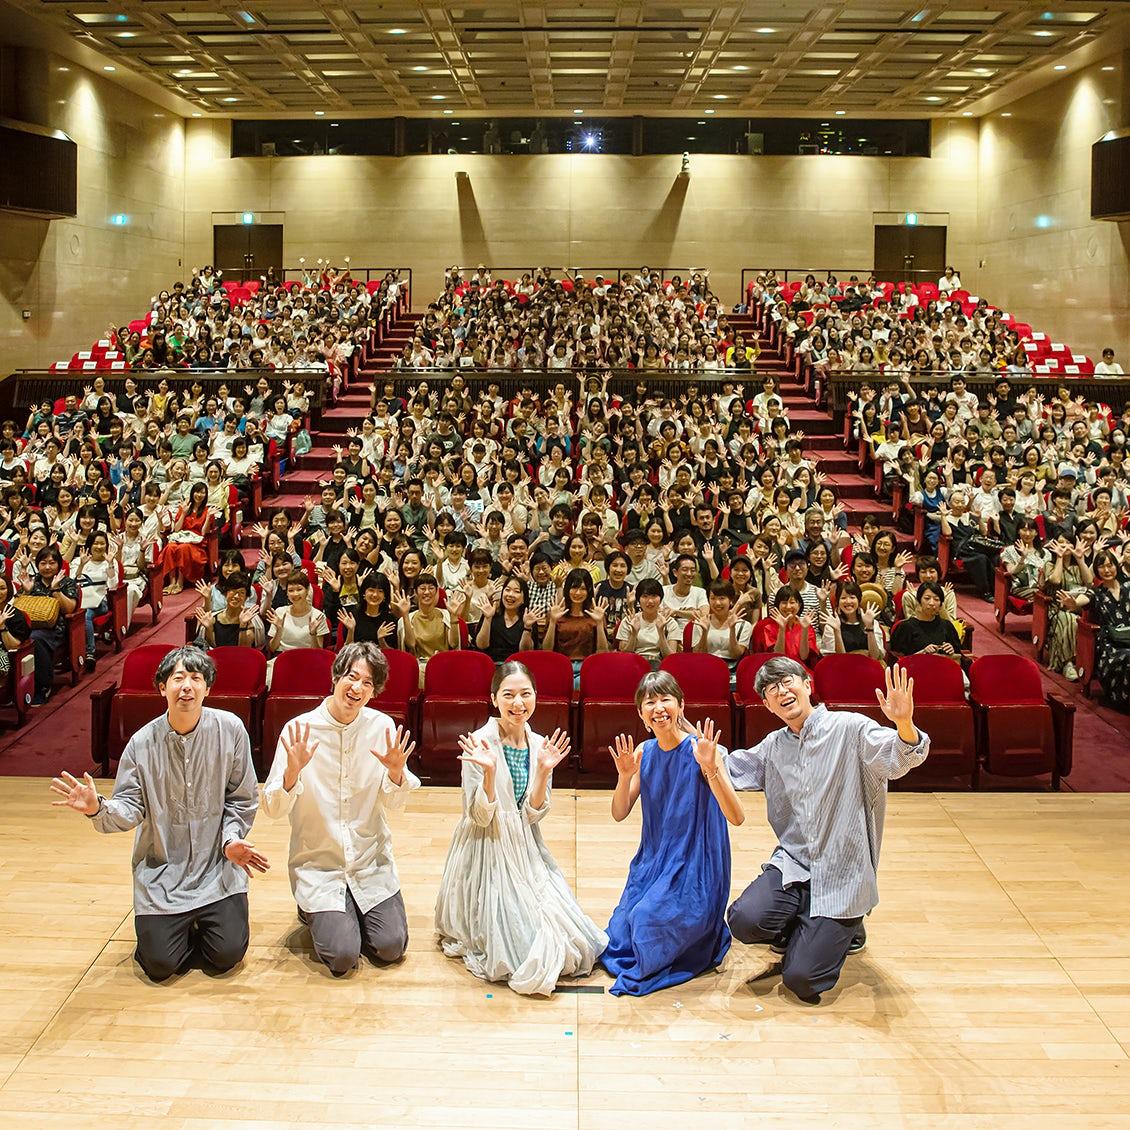 【イベントレポート】当店主催のイベント『青葉家のテーブル Season1 CINEMA & LIVE』を開催しました!